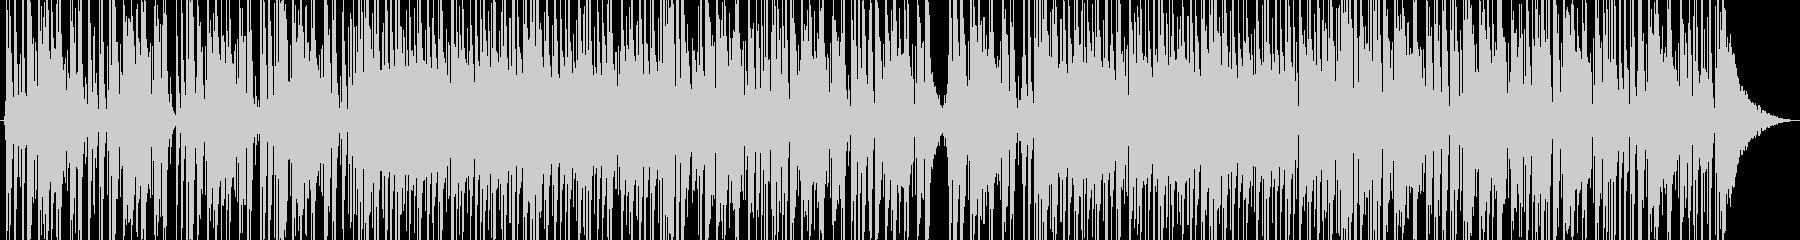 タイトで硬派なドラムメインのロックの未再生の波形